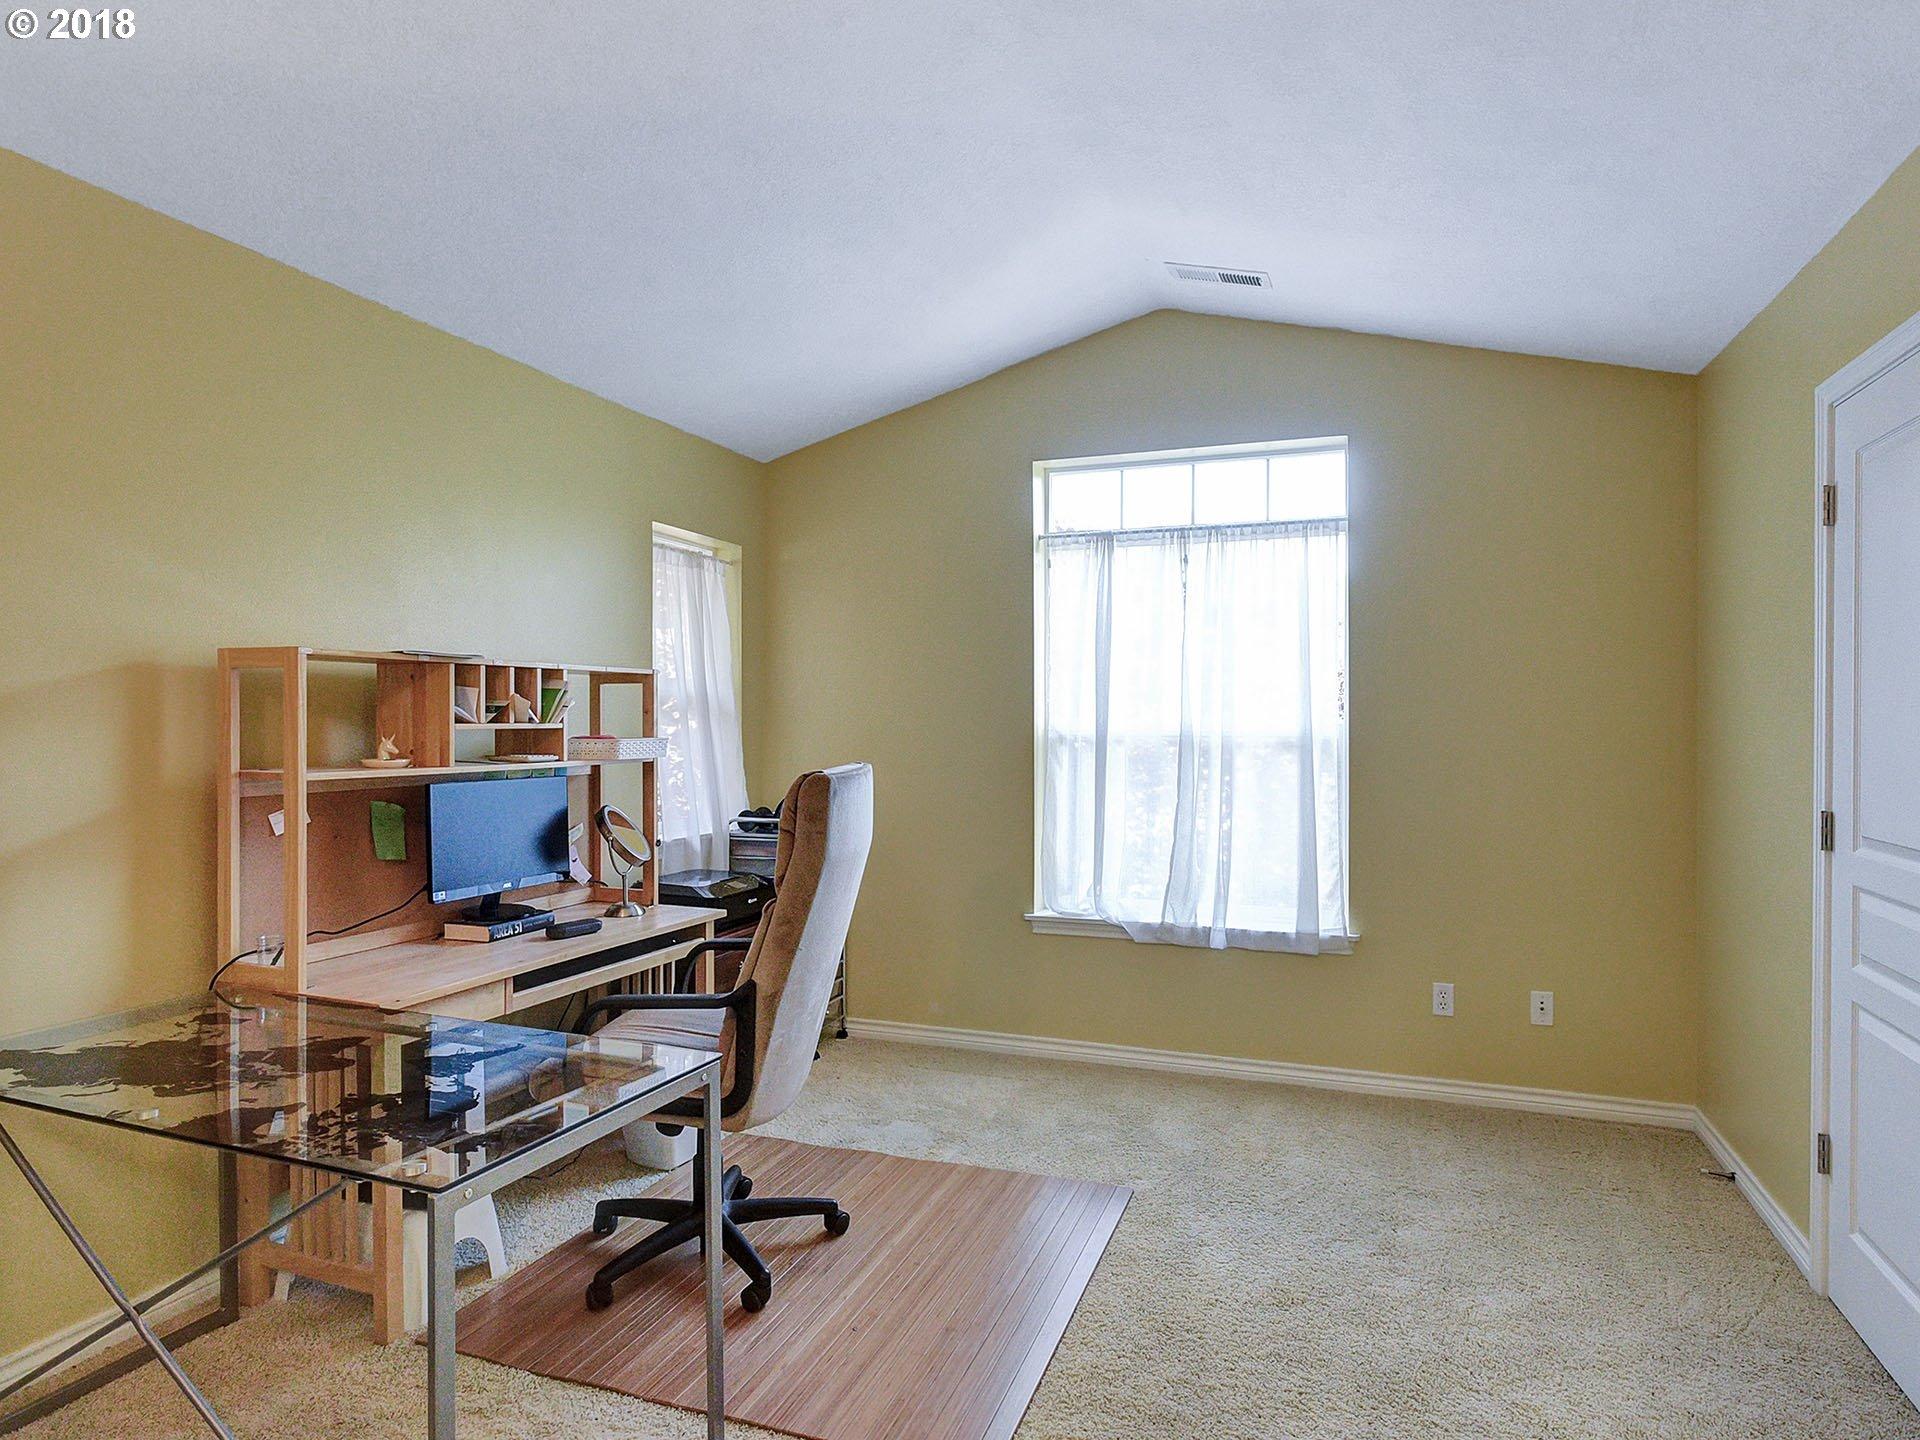 8416 SW OLESON RD Portland, OR 97223 - MLS #: 18612649